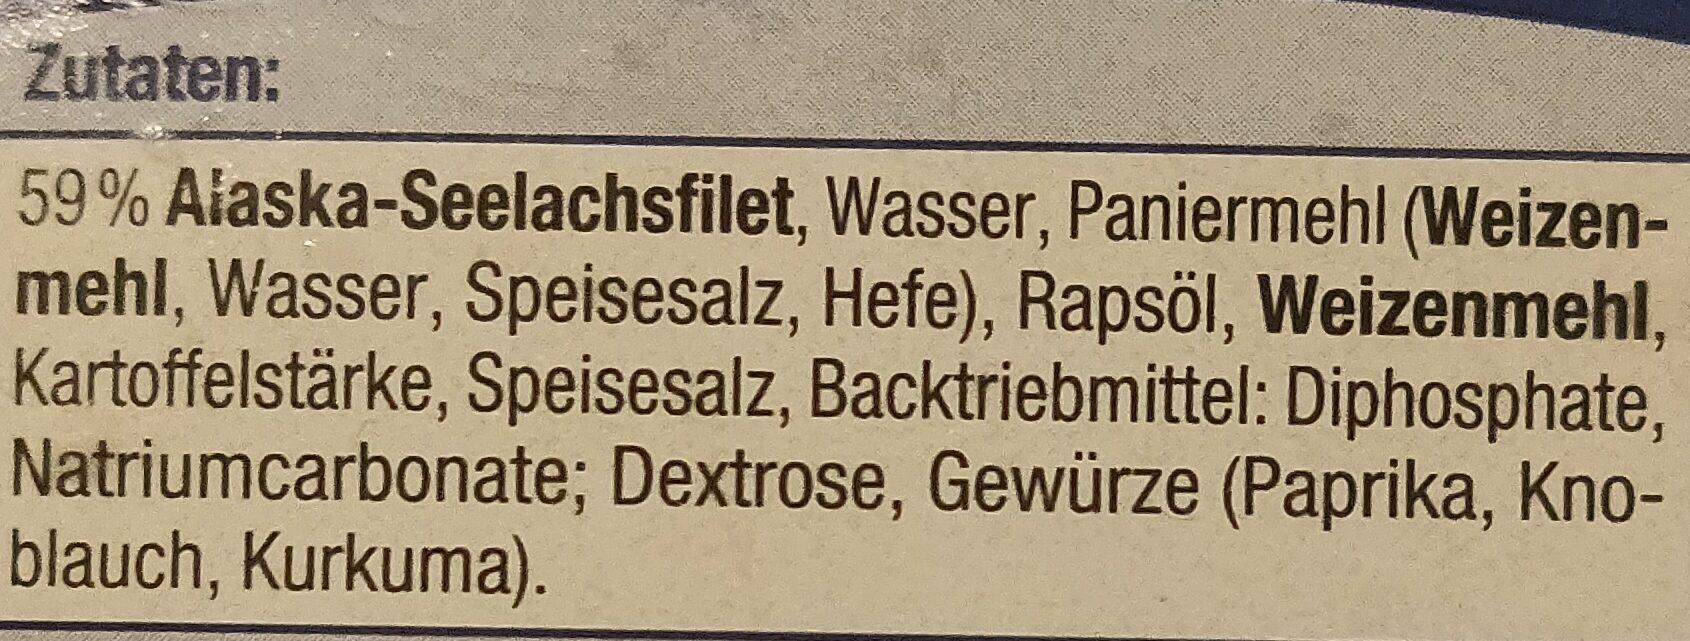 Knusperfilets im Backteig - Zutaten - de